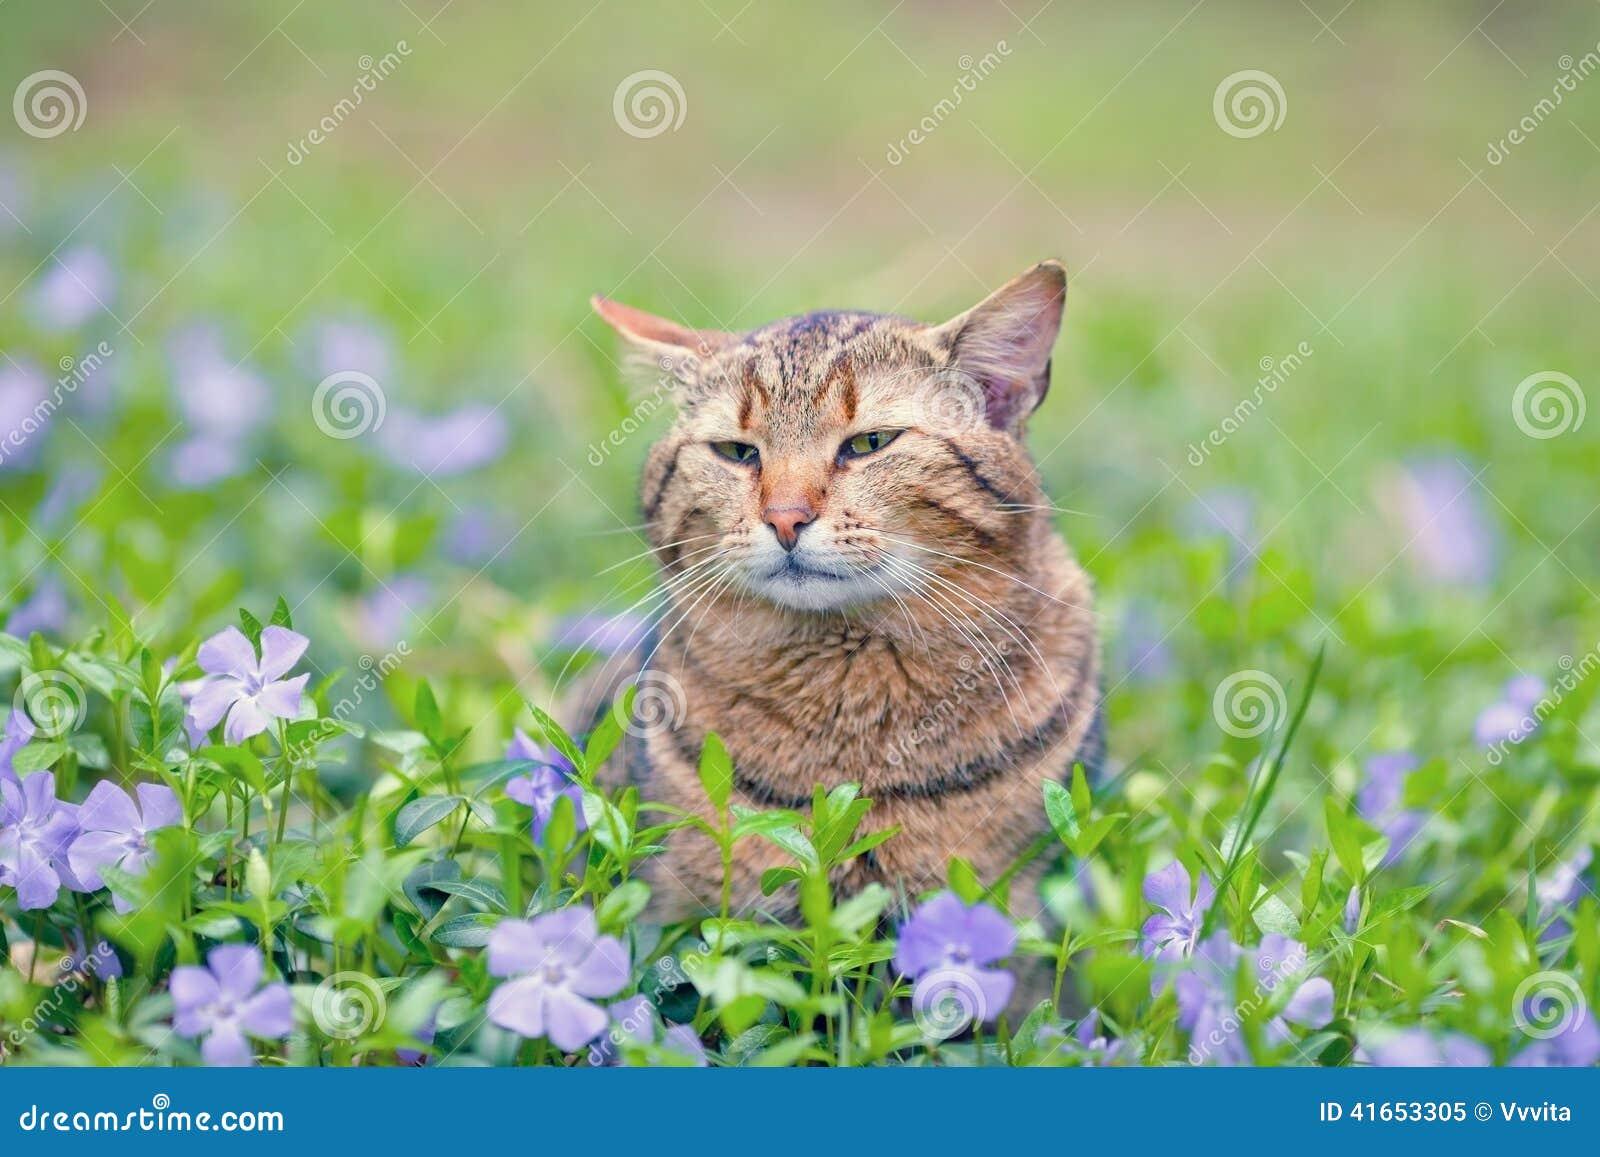 Кот на лужайке барвинка